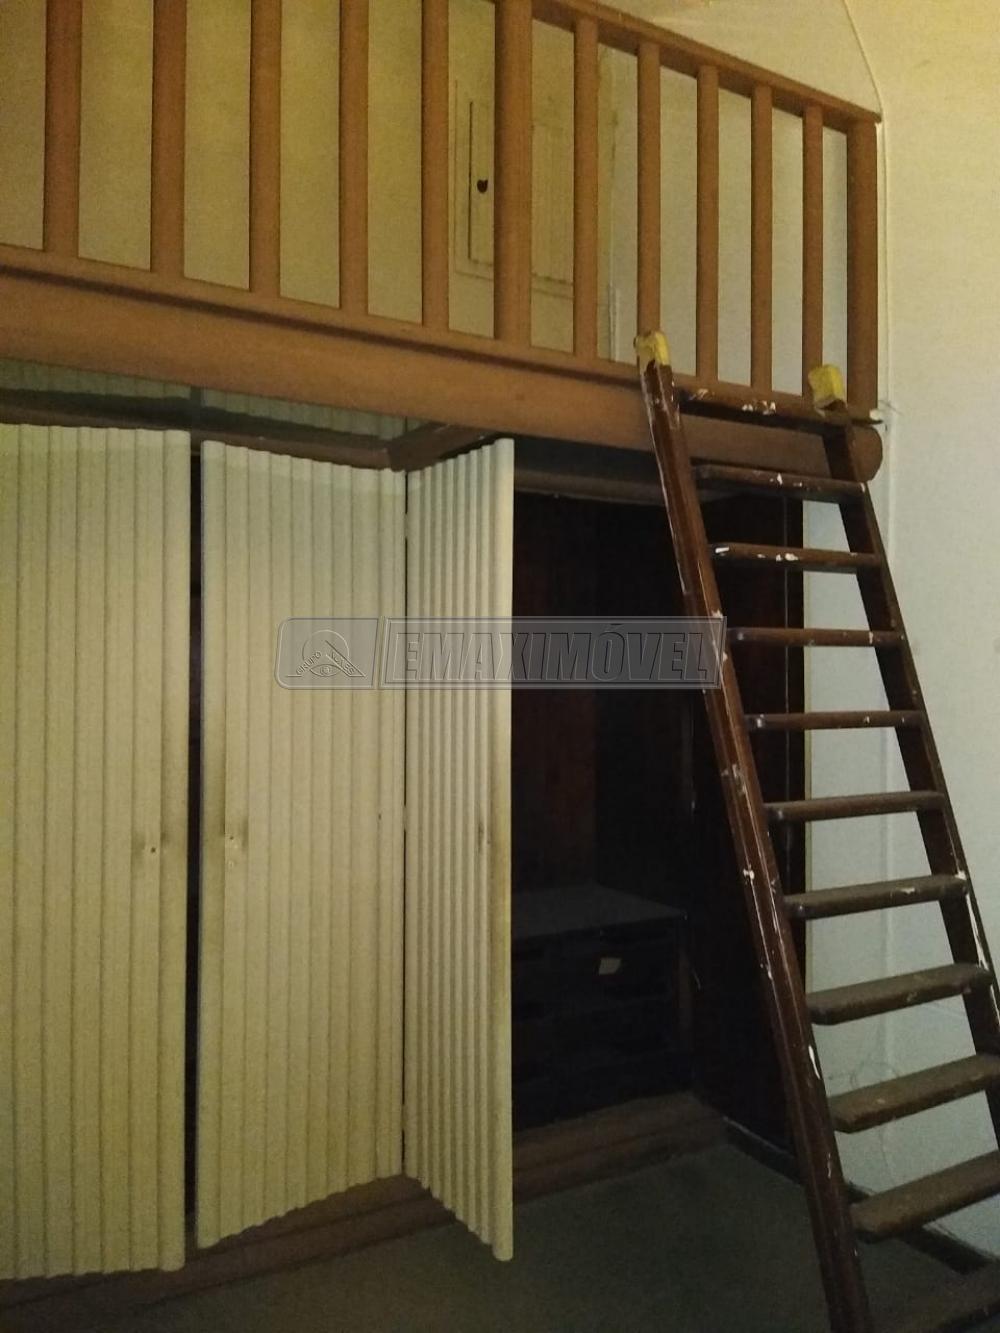 Alugar Comercial / Salões em Sorocaba apenas R$ 7.000,00 - Foto 23